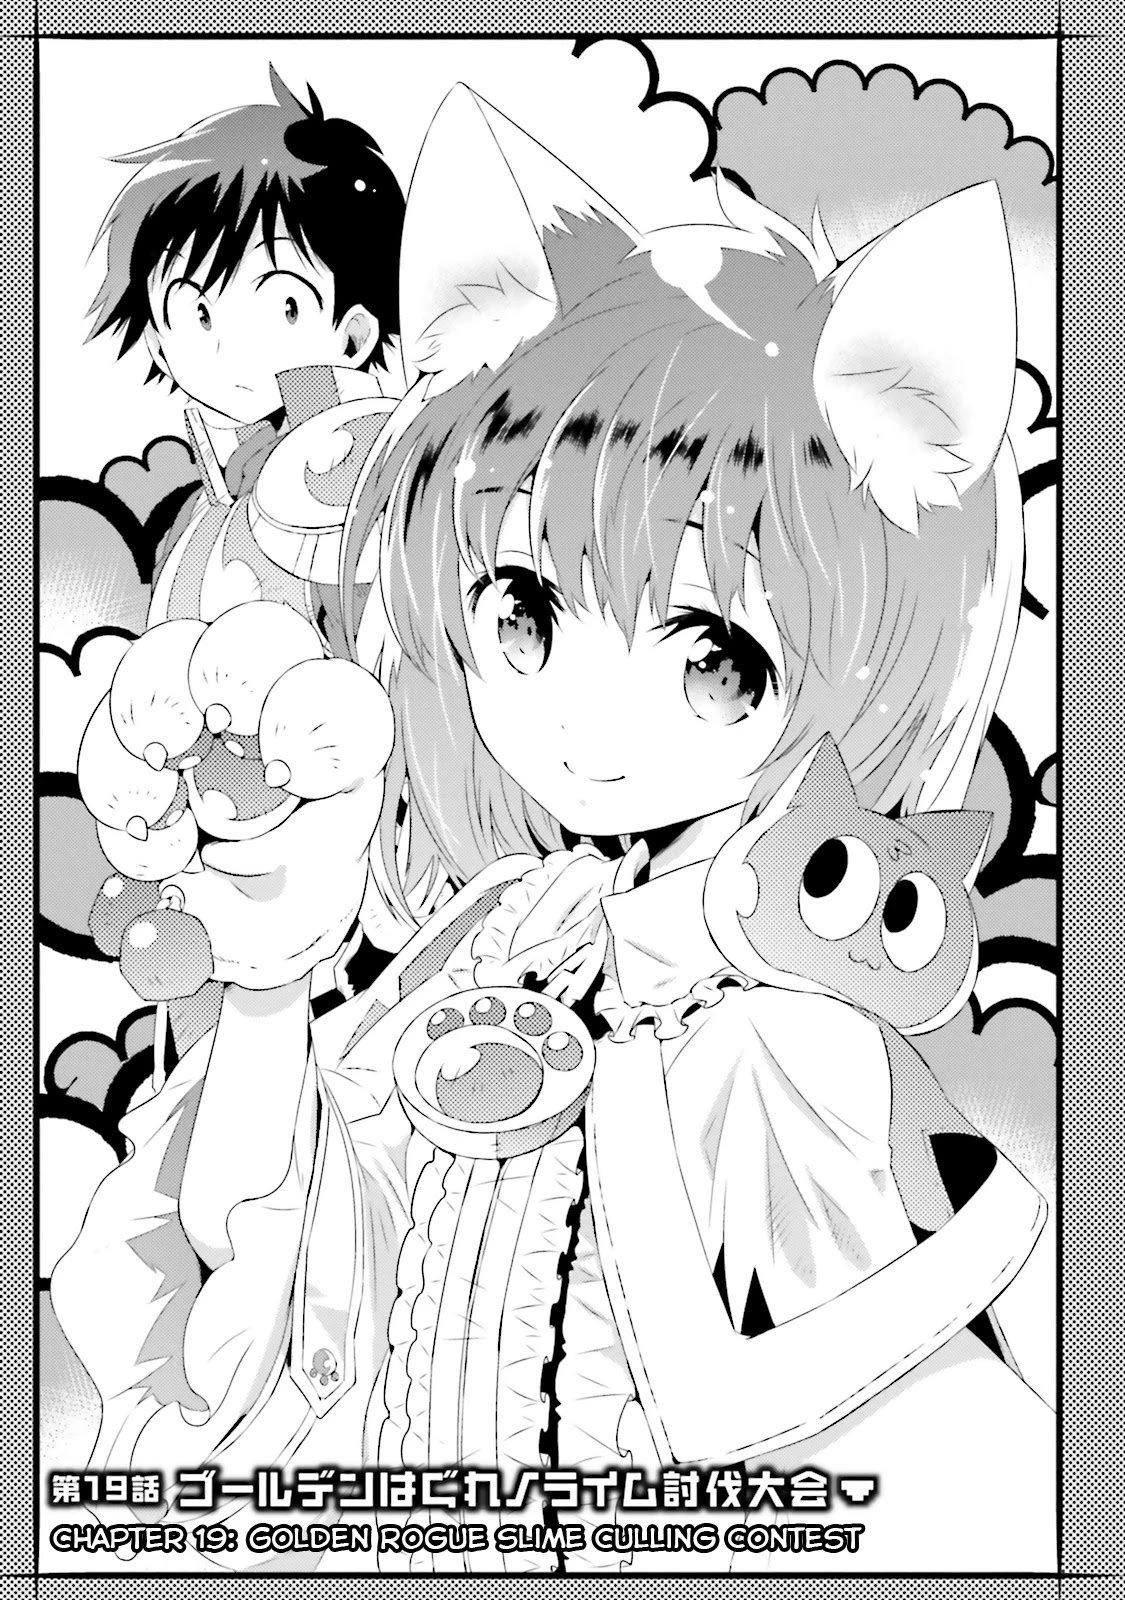 Manga Kono Sekai Ga Game Da To, Ore Dake Ga Shitteiru - Chapter 19 Page 1